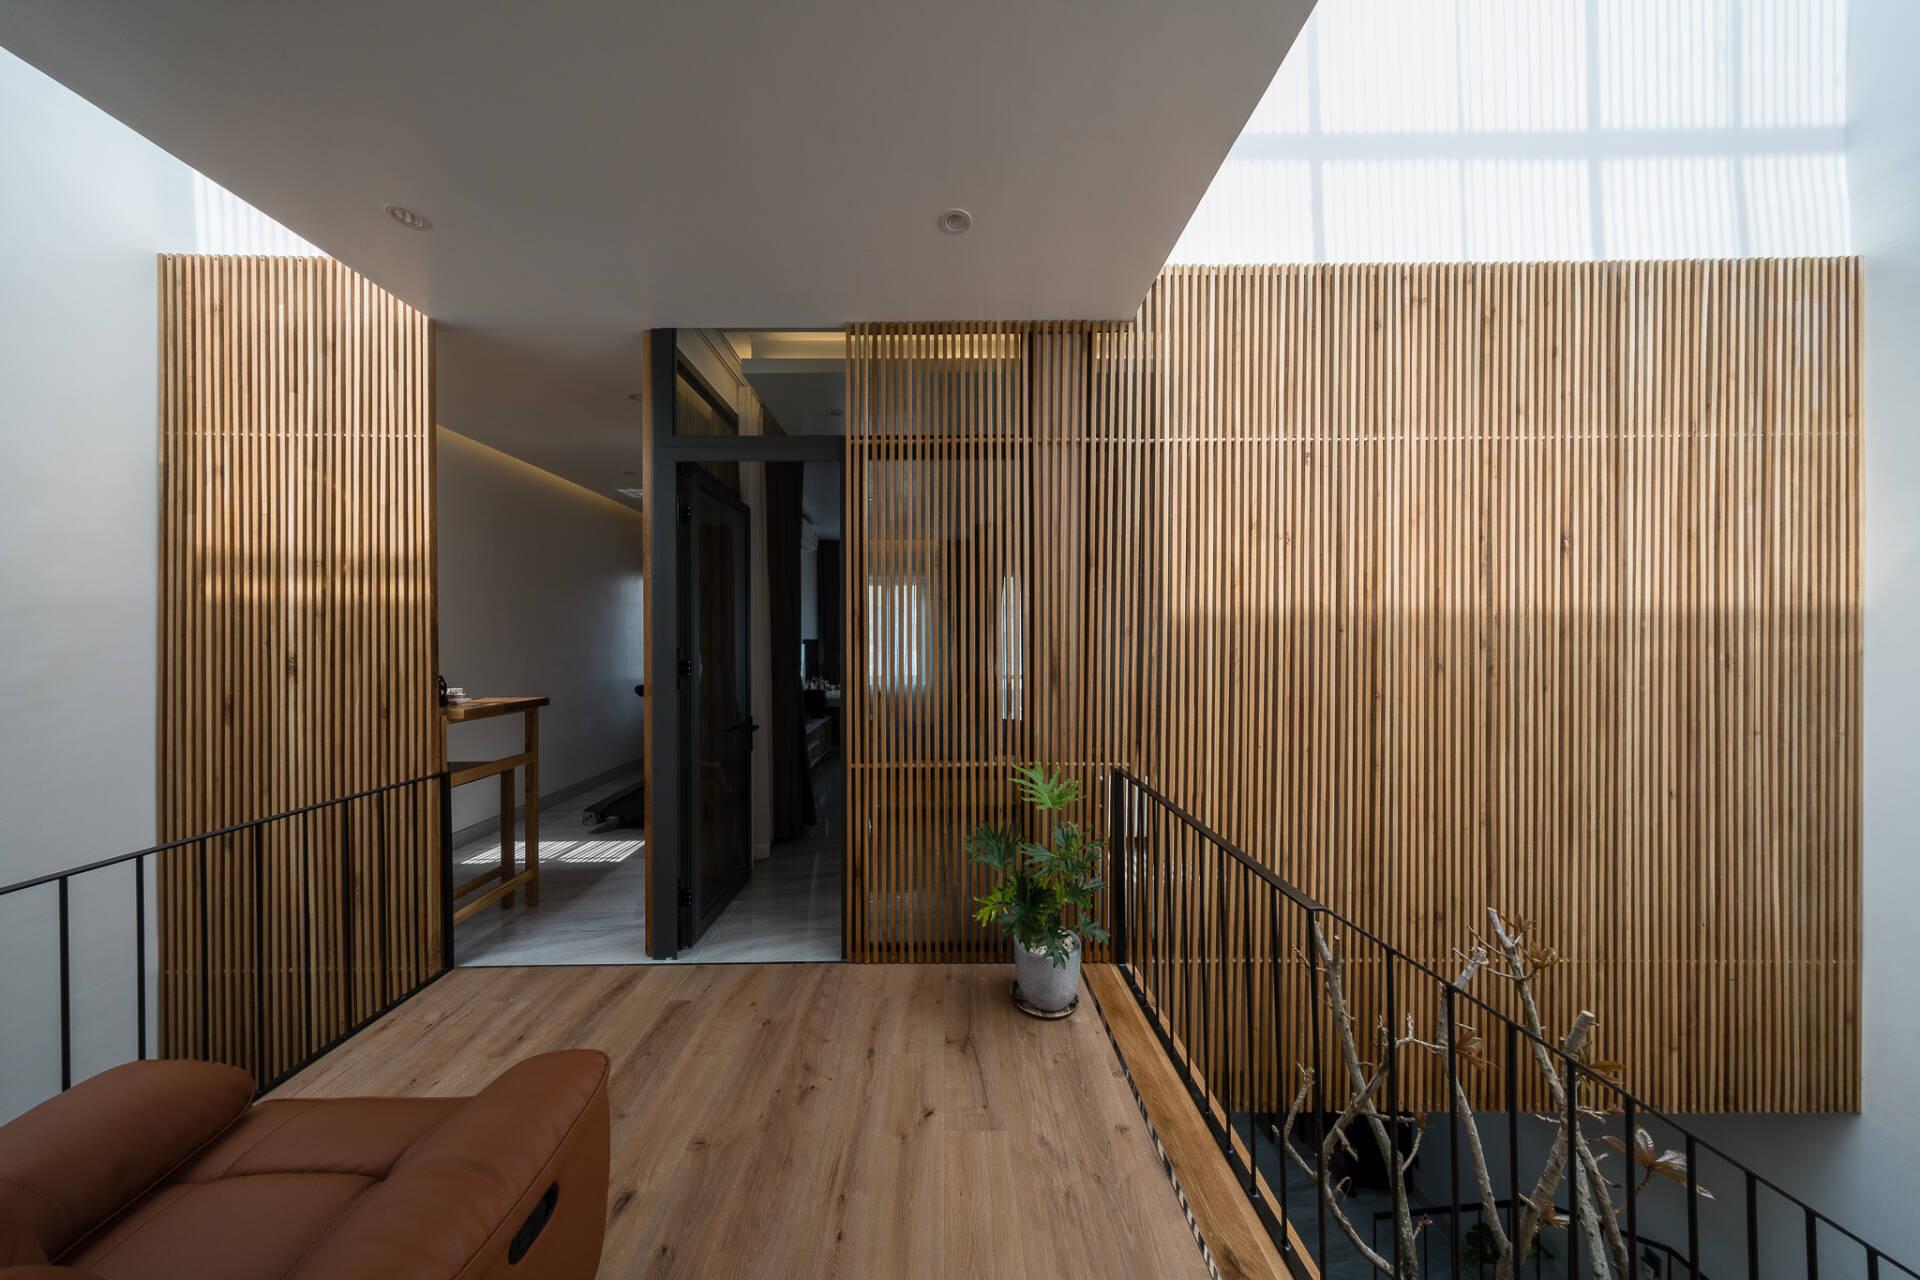 Ngôi nhà được cắt thành 2 hình hộp chữ nhật để tạo ra nhiều khoảng trống đưa nắng, gió, cây xanh tràn vào